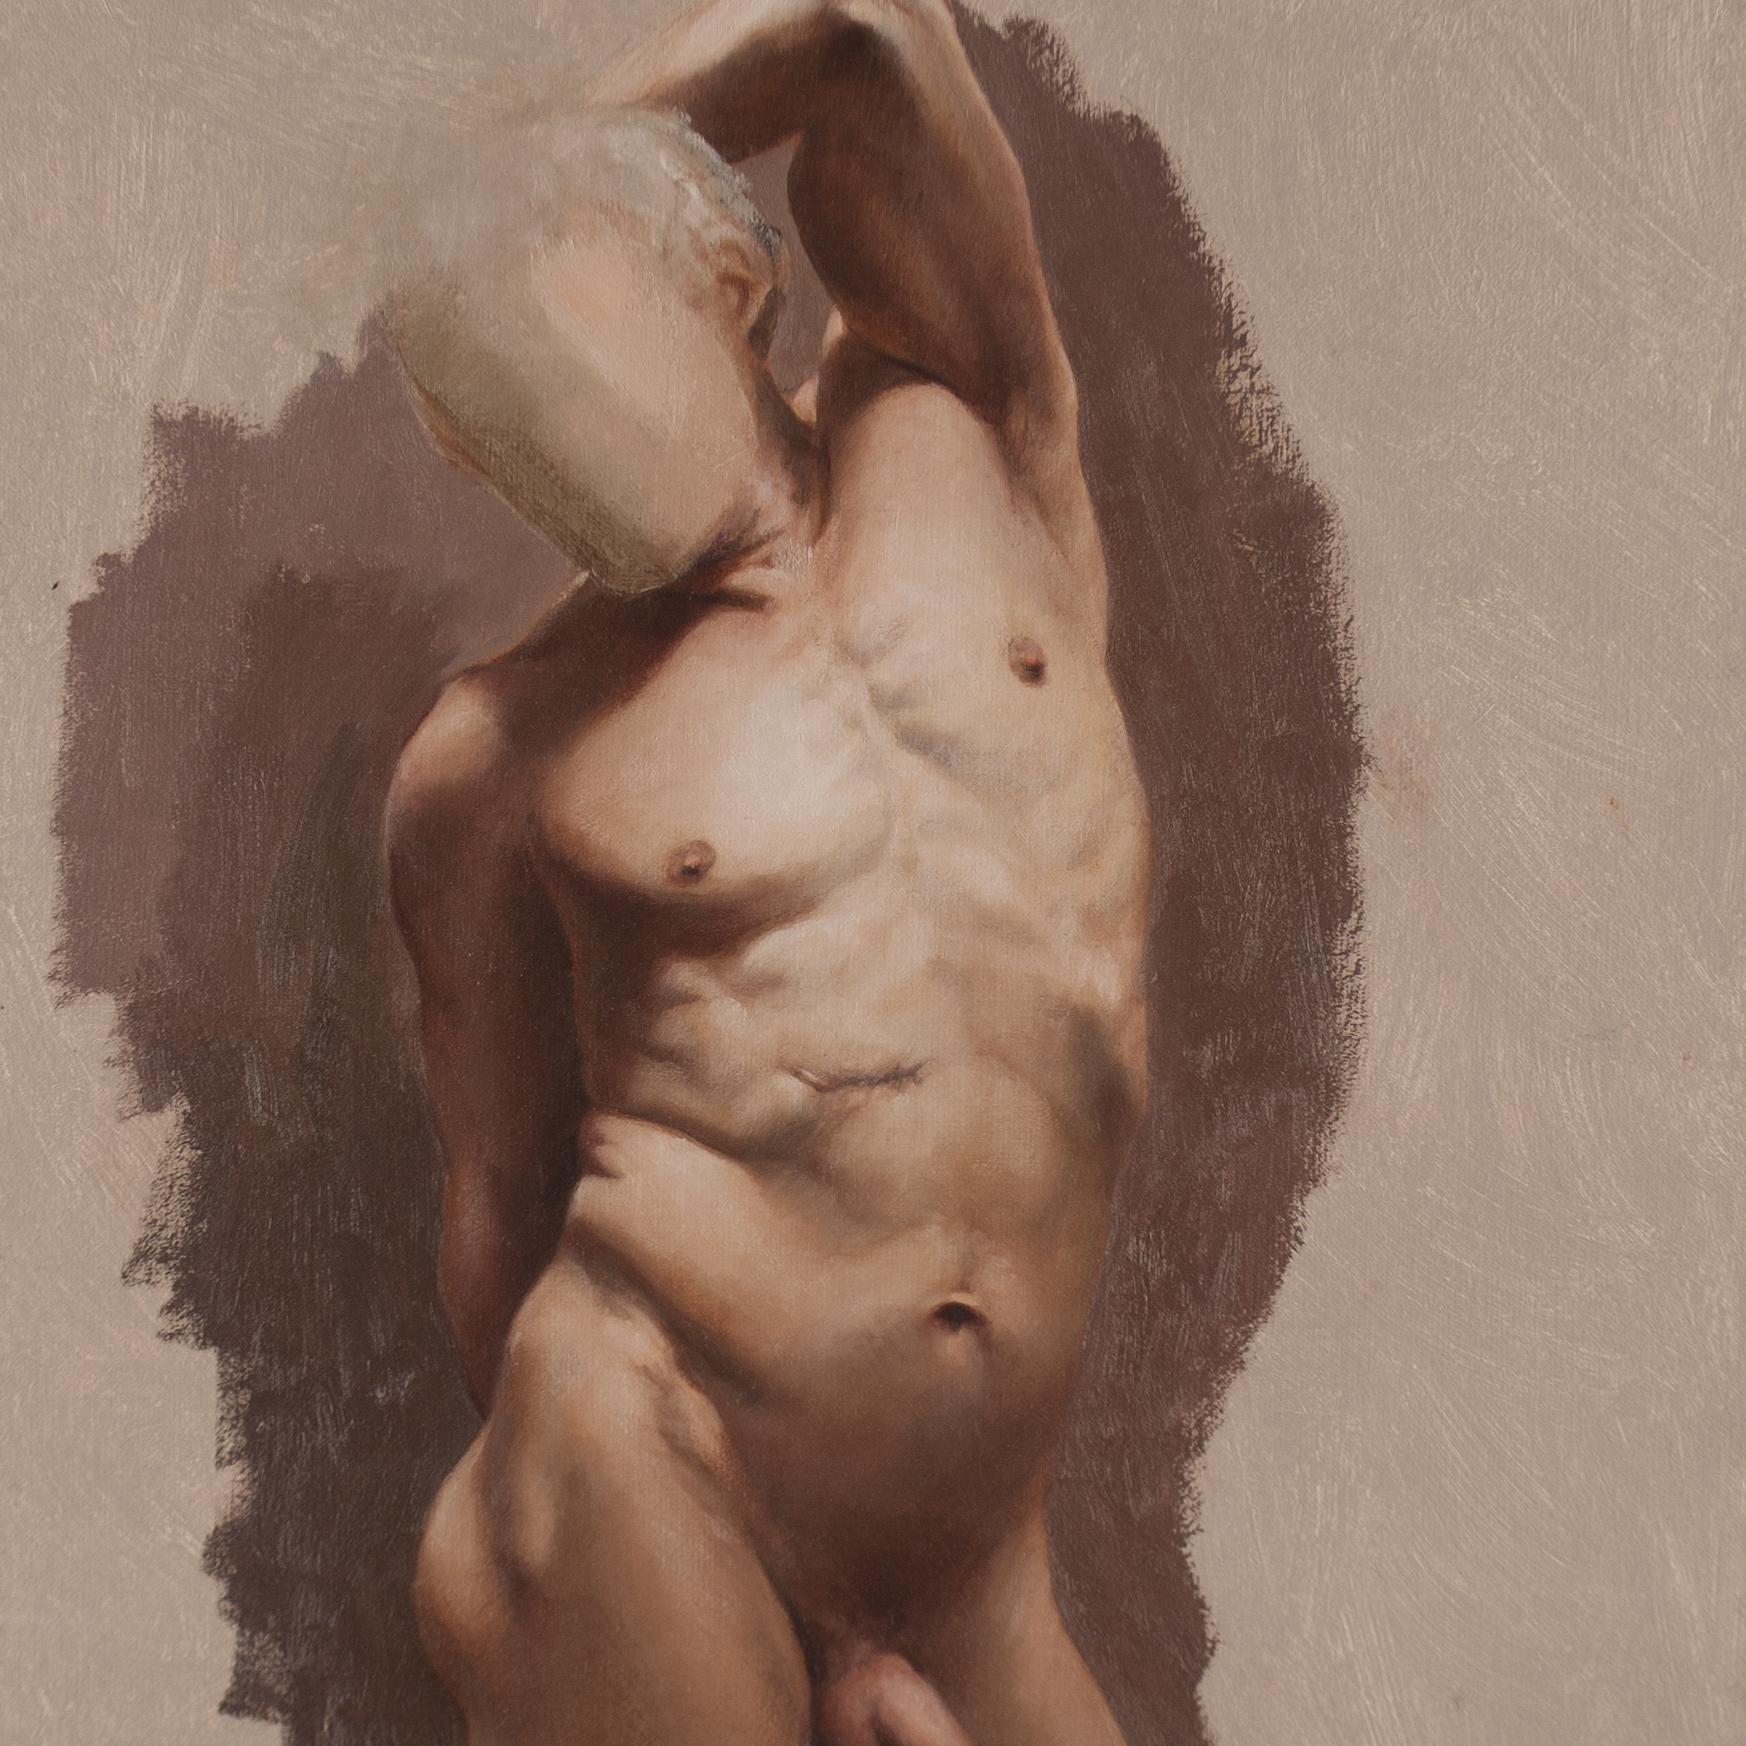 cours-stage-portrait-modele-vivant-paris-masculin.jpg